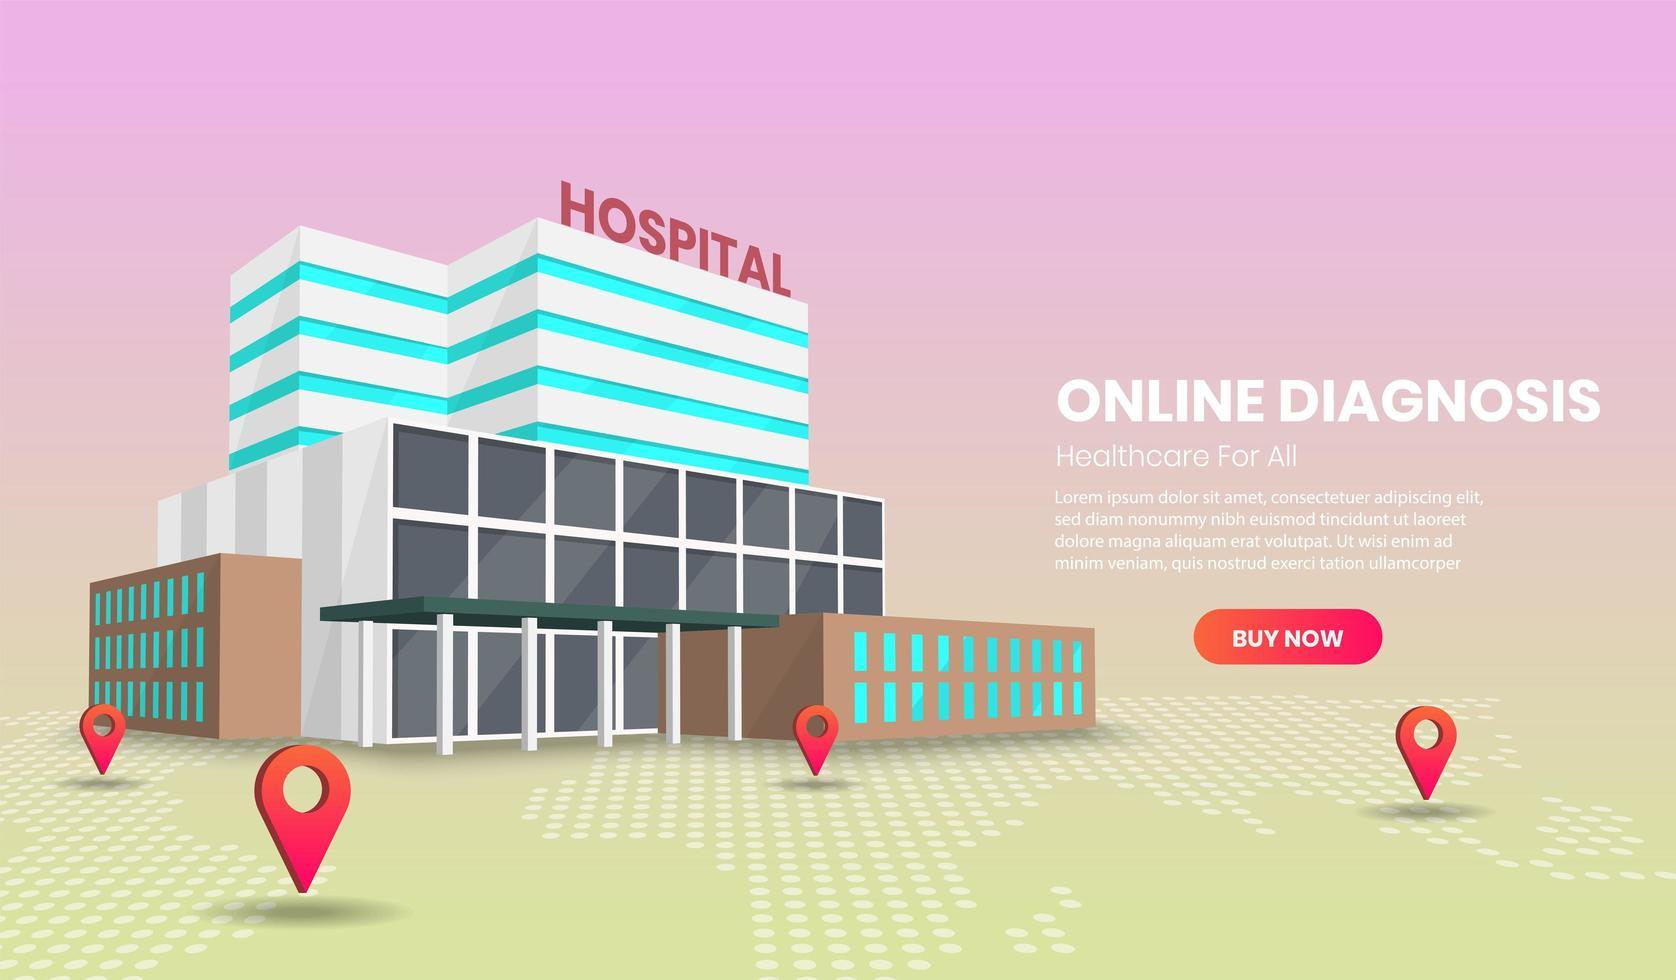 diagnóstico e tratamento médico online vetor